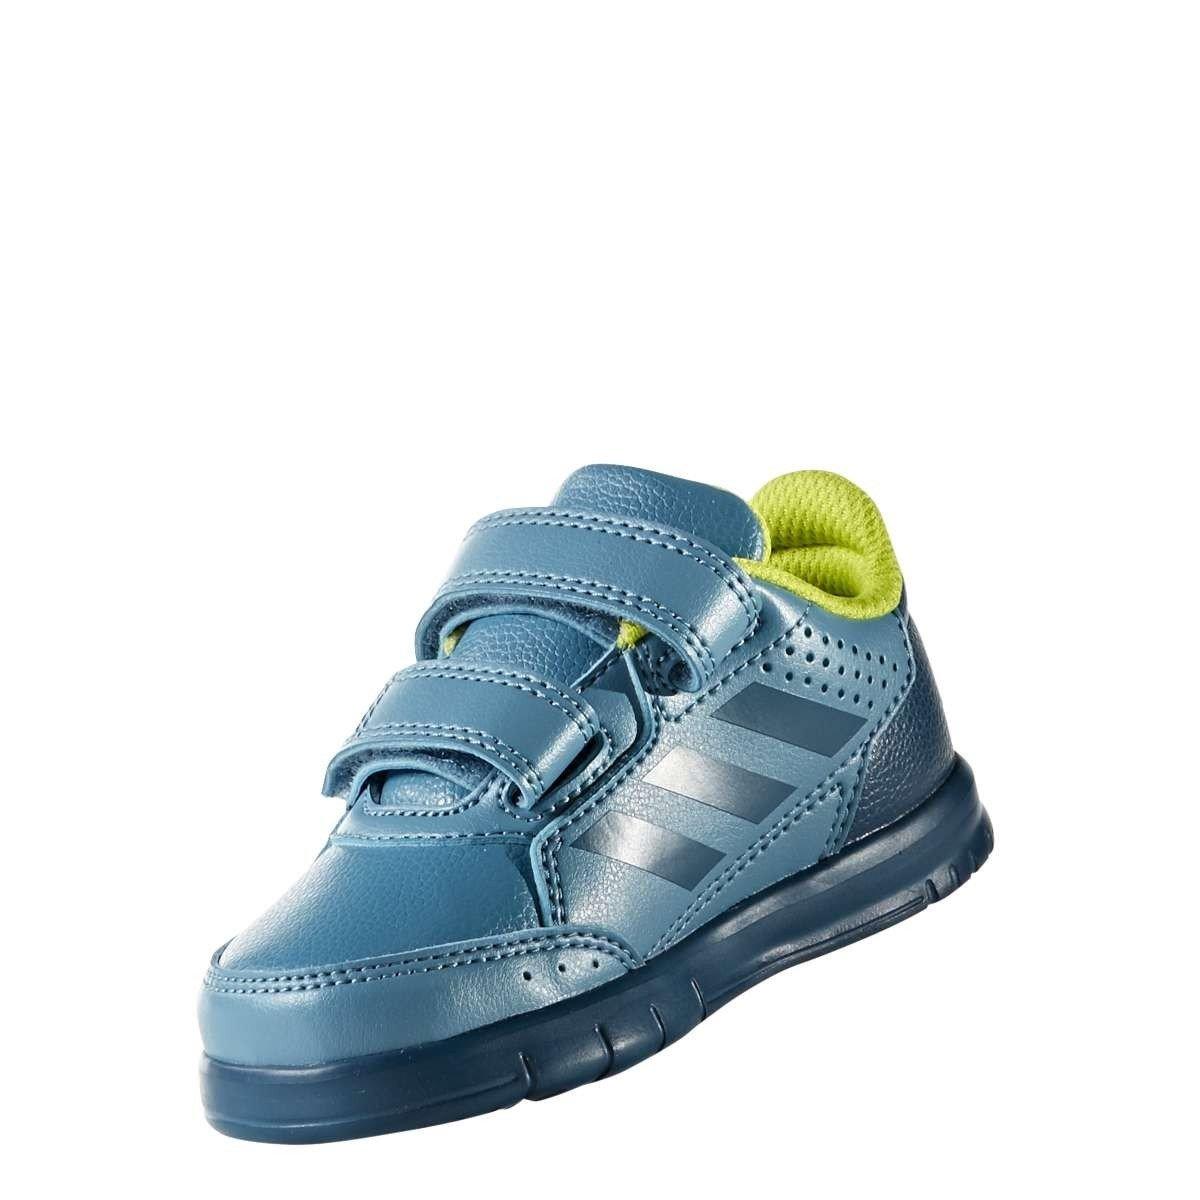 adidas AltaSport CF I, Pantoufles Mixte bébé